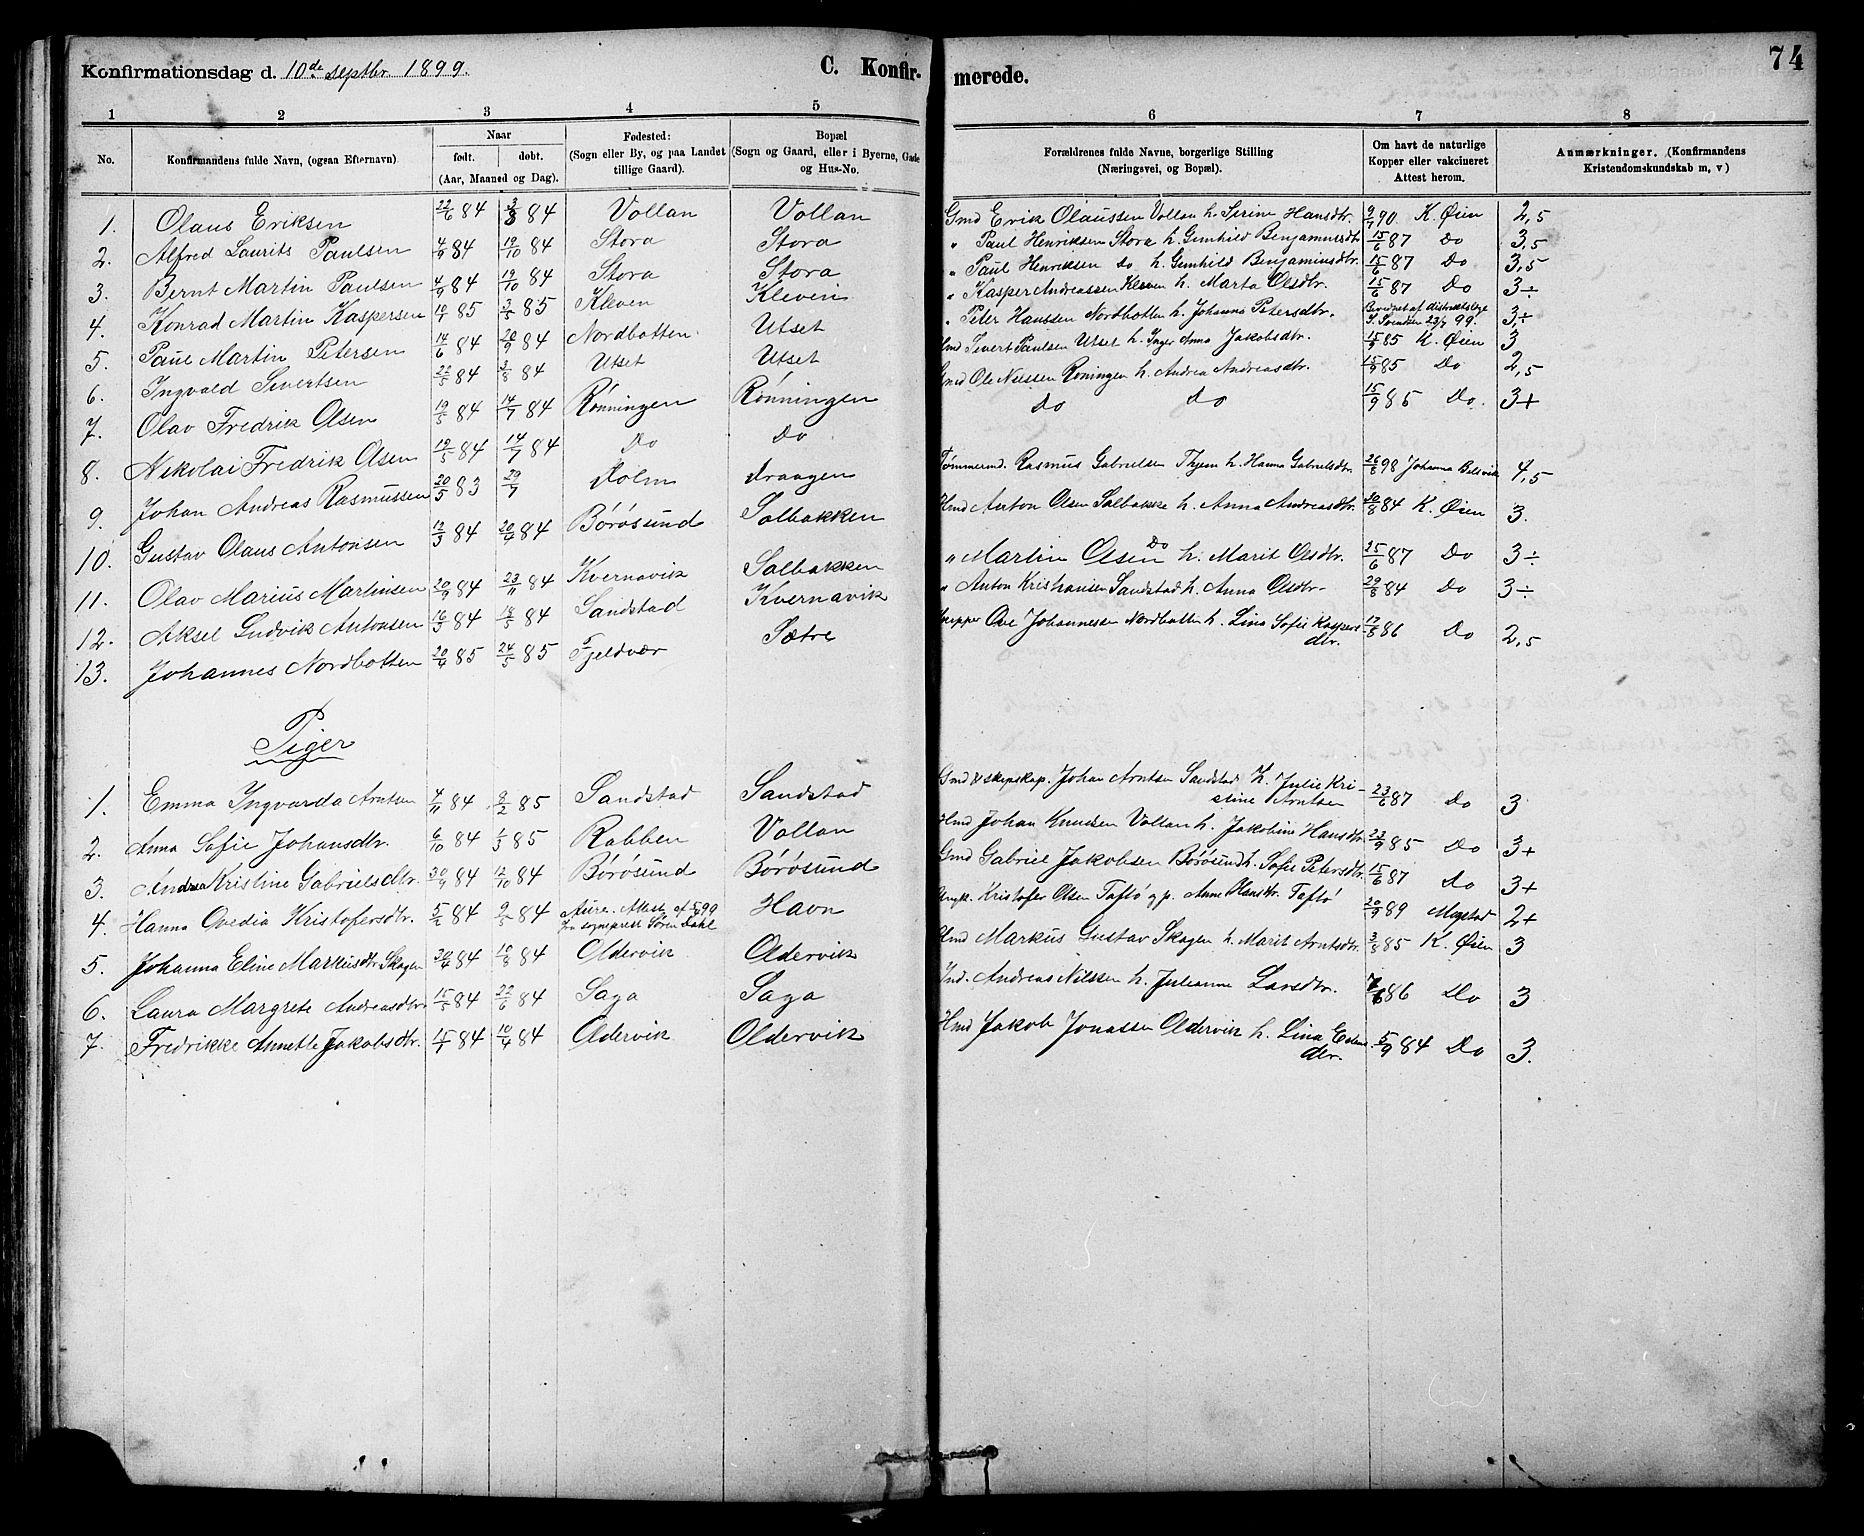 SAT, Ministerialprotokoller, klokkerbøker og fødselsregistre - Sør-Trøndelag, 639/L0573: Klokkerbok nr. 639C01, 1890-1905, s. 74